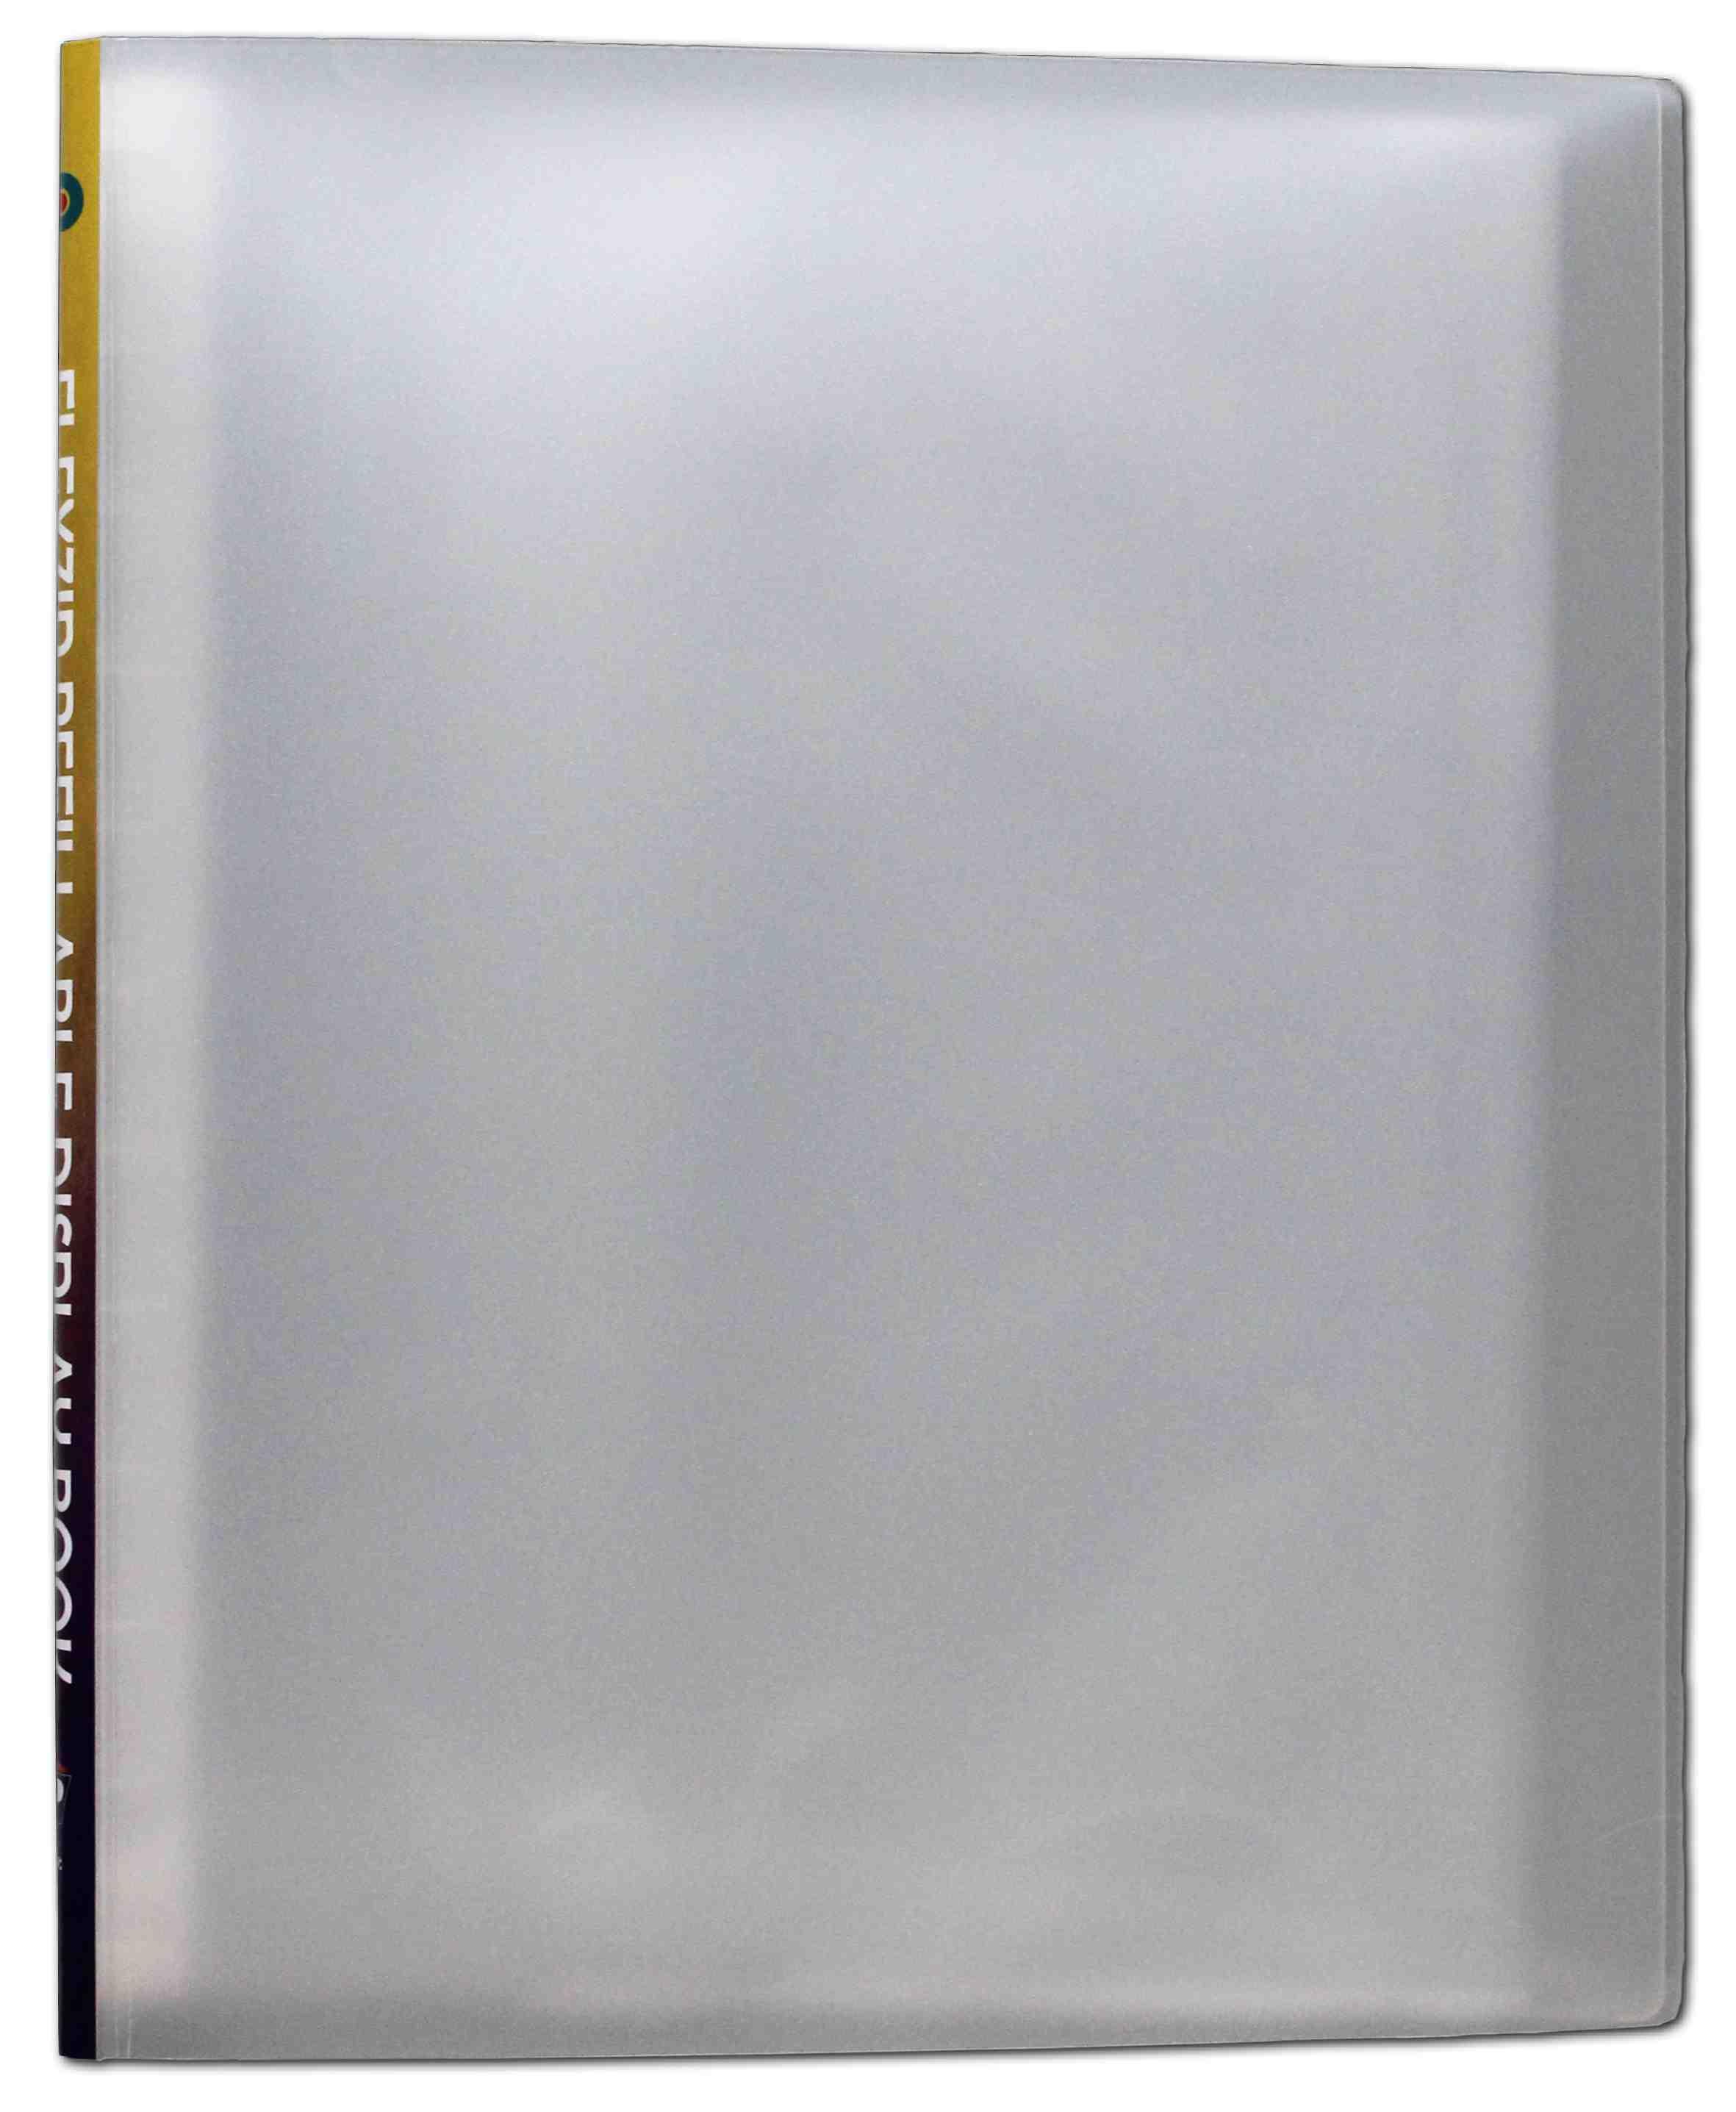 Sichtbuch Flexzip A4 Transparent Farblos Mit 10 Auswechselbaren Hüllen